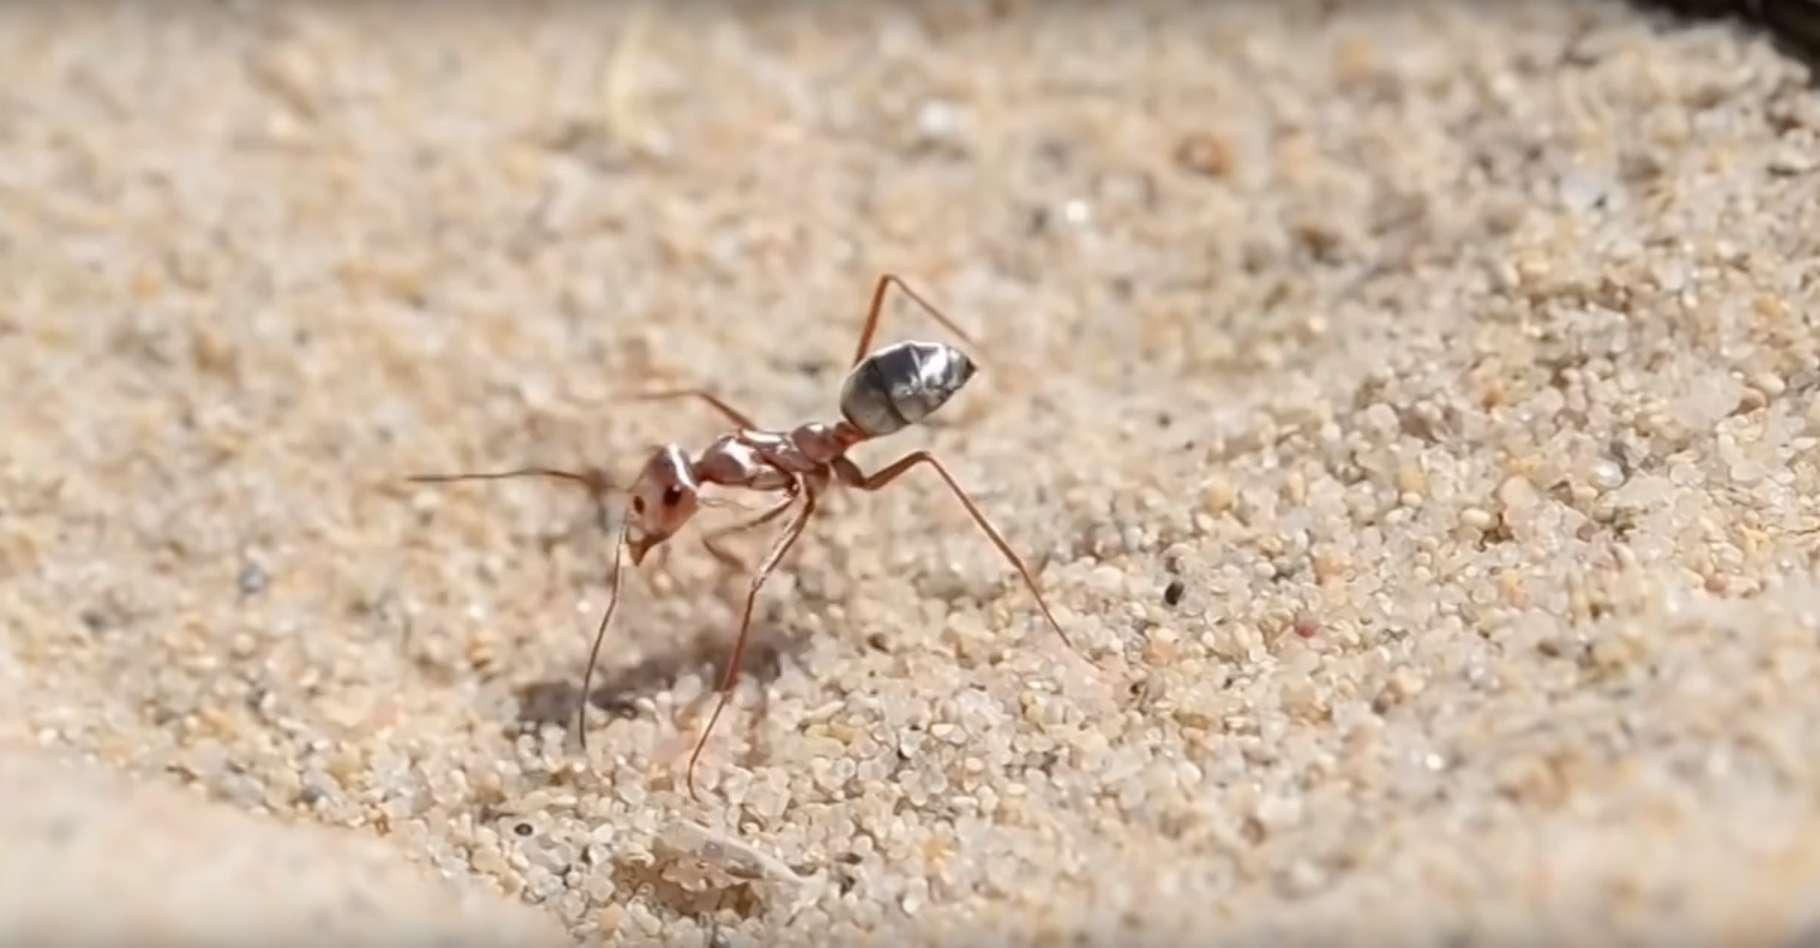 Des chercheurs ont mesuré la vitesse de course des fourmis argentées sahariennes. Ce sont les fourmis les plus rapides du monde. © Philtheanimalfriend, YouTube